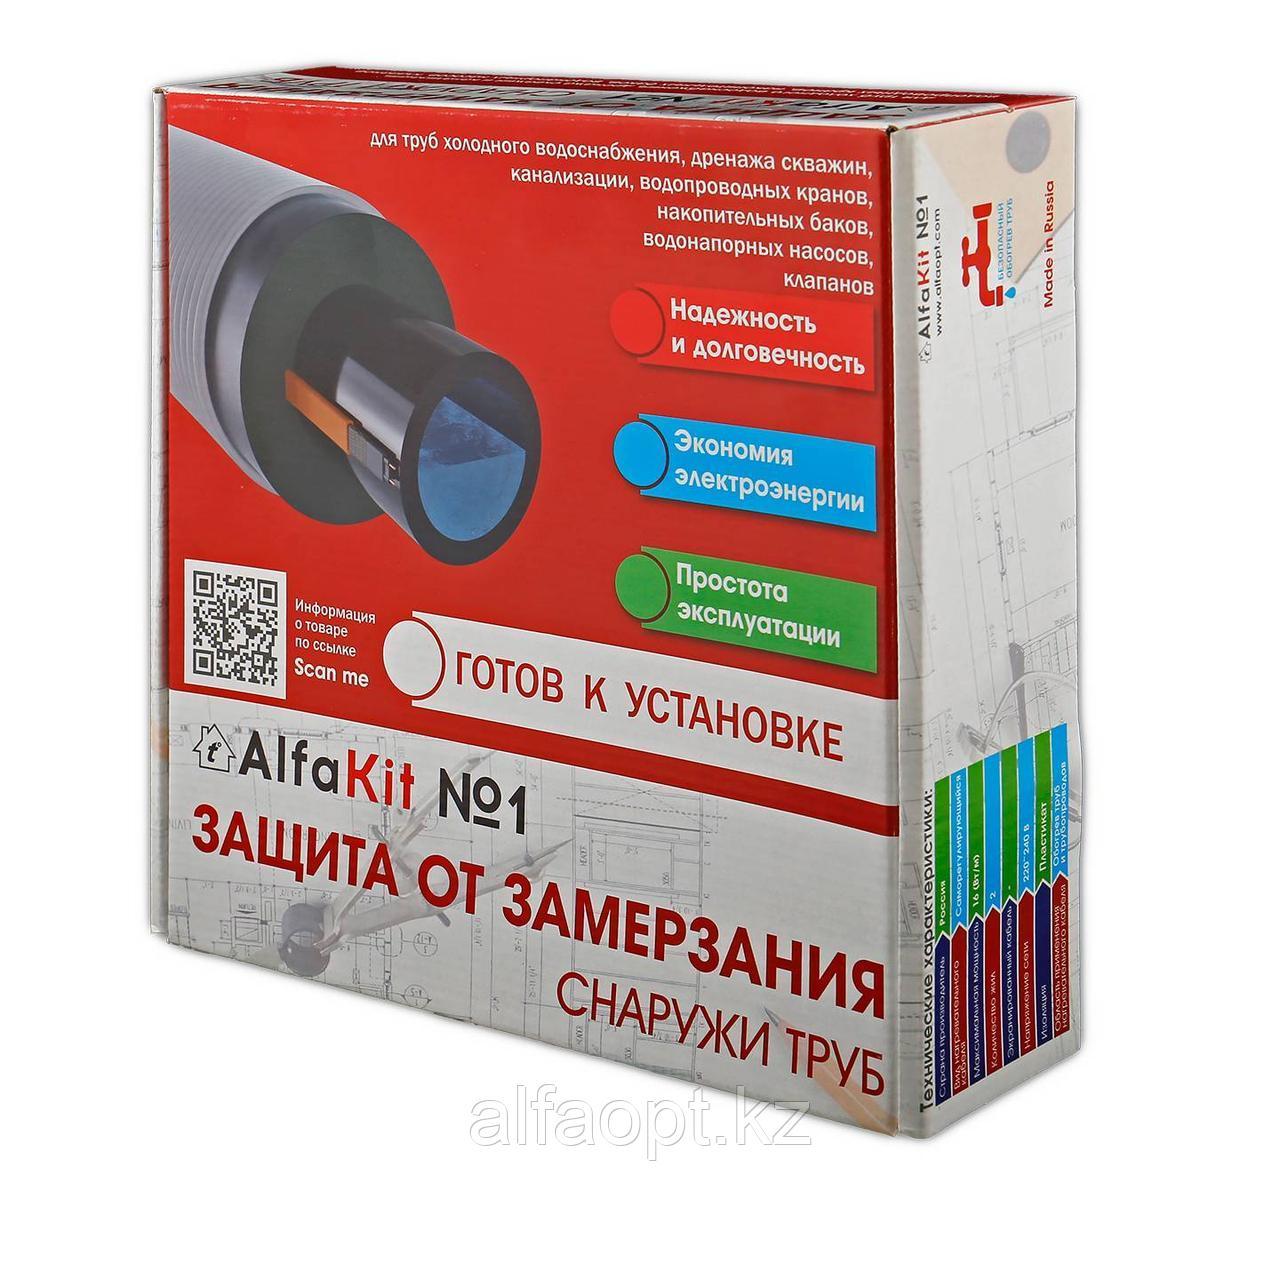 Комплект саморегулирующегося кабеля AlfaKit №1 16-2-2